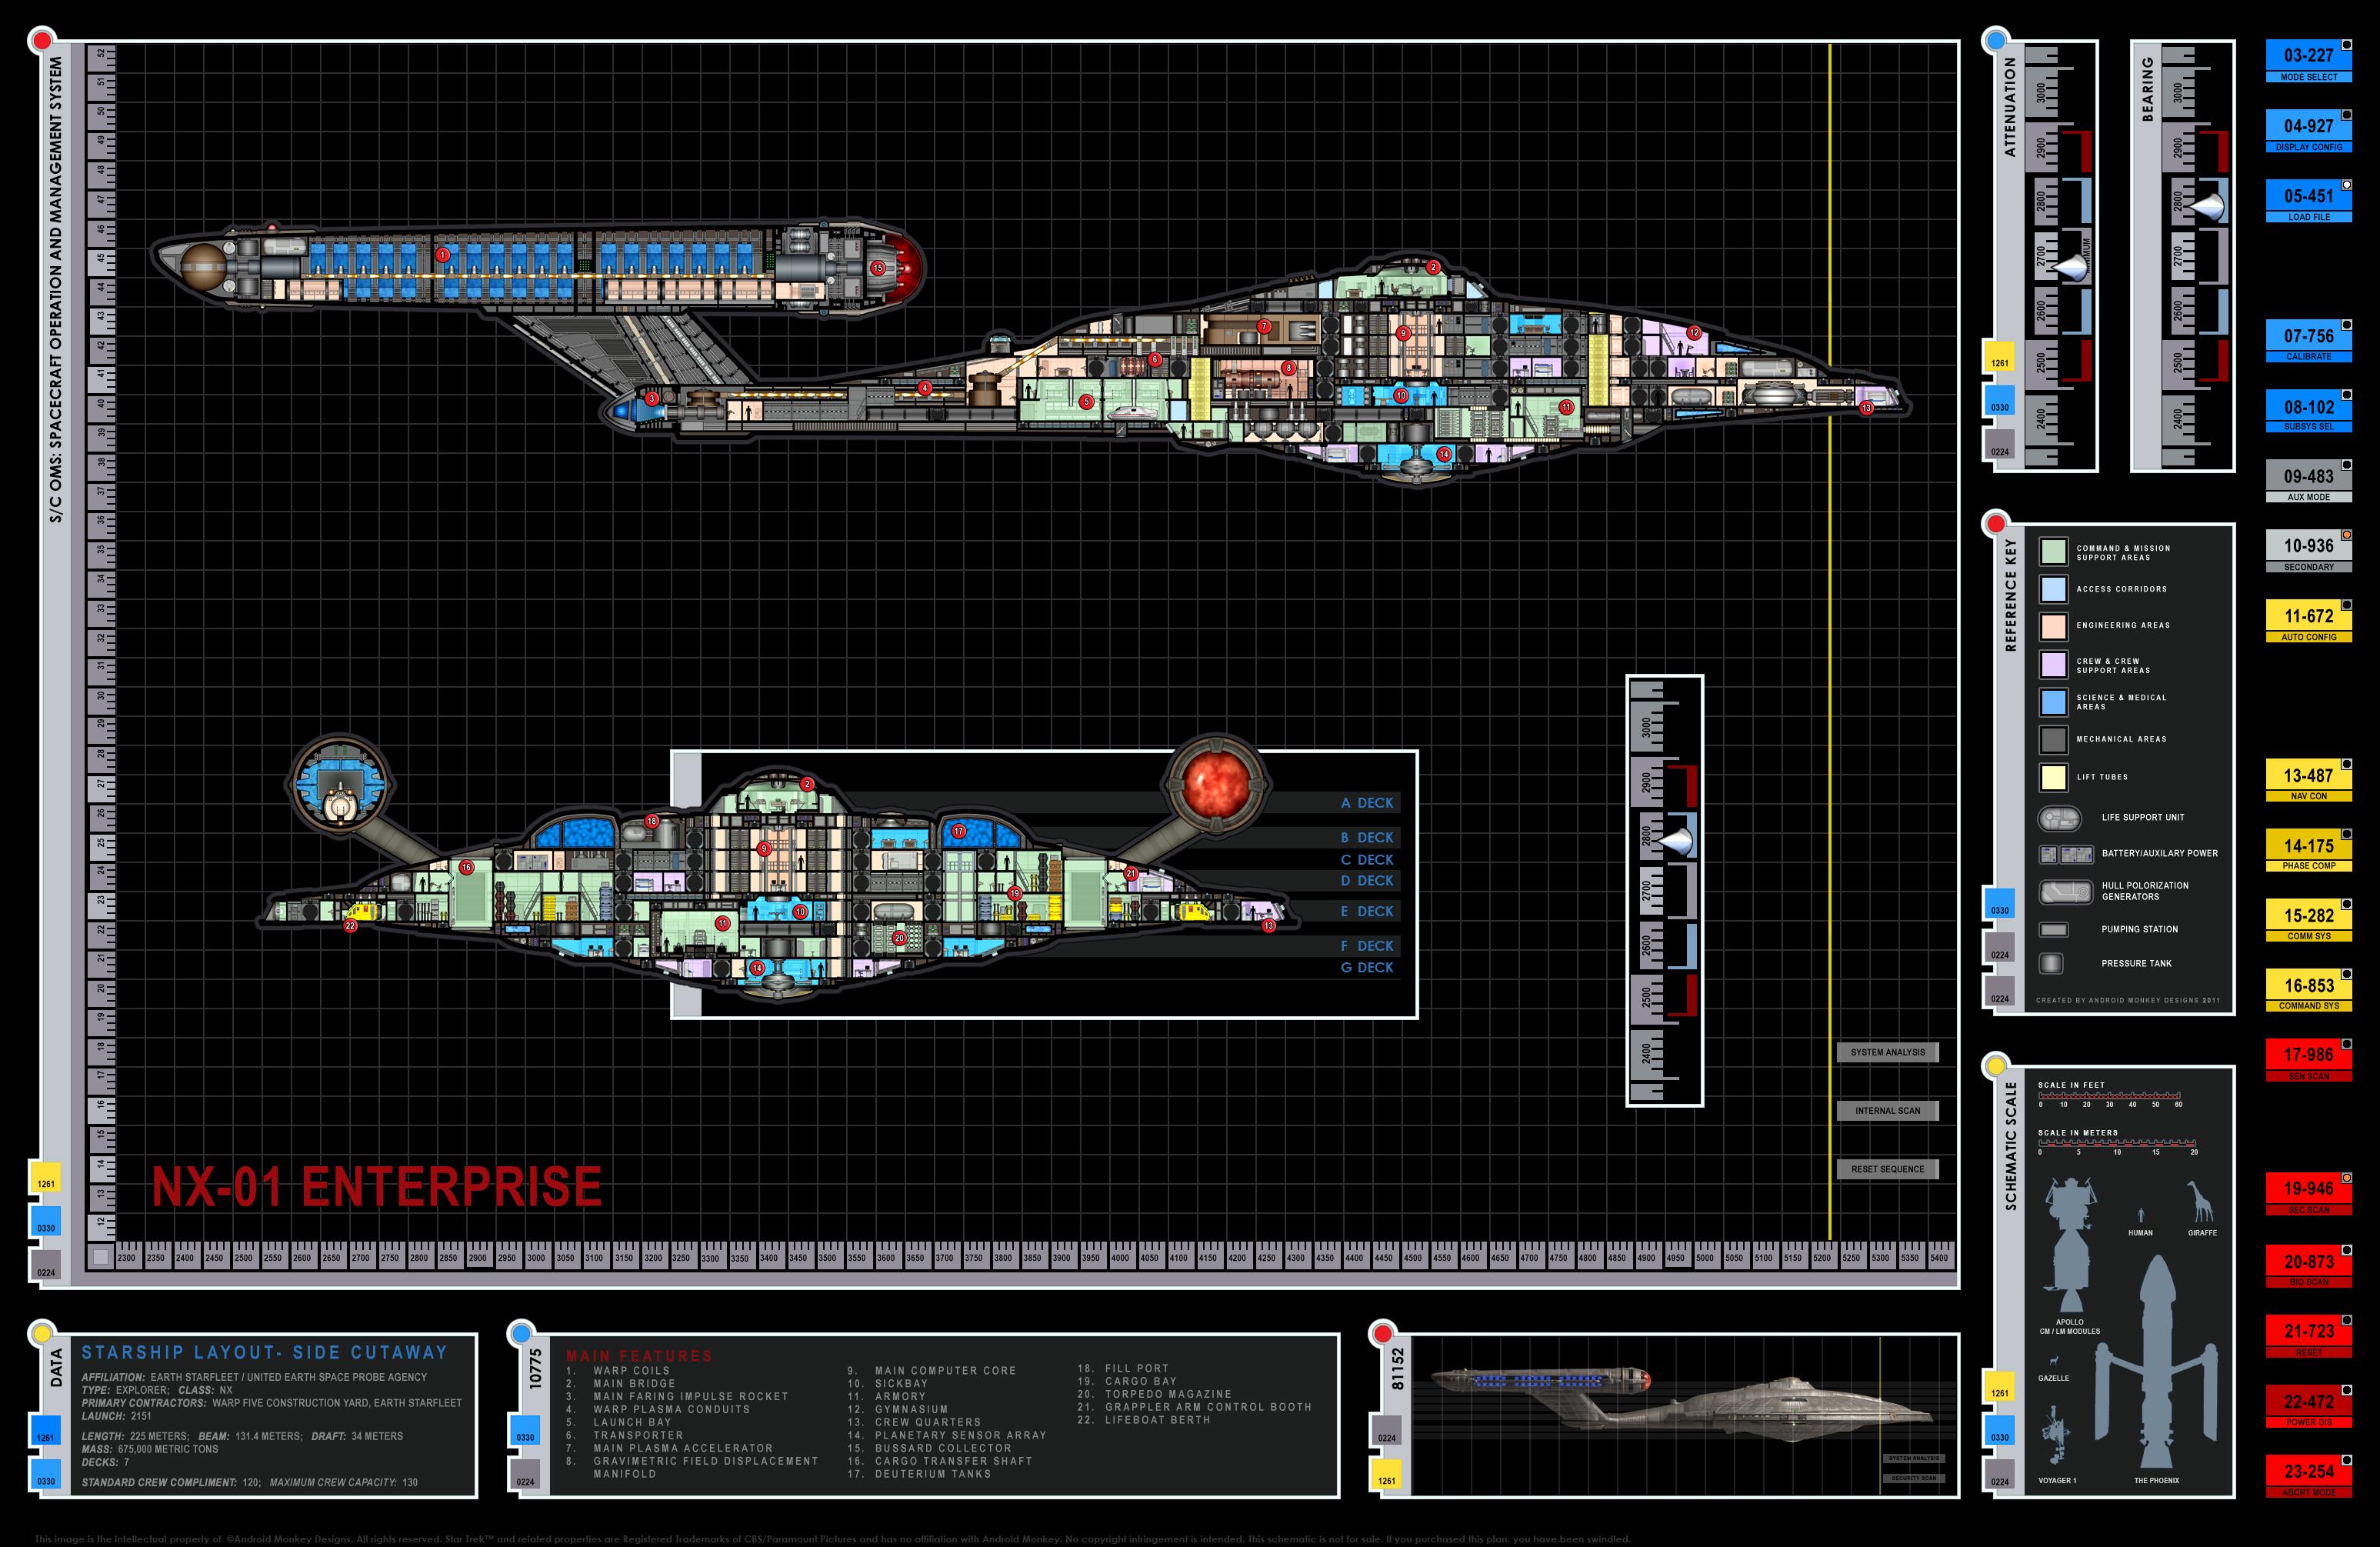 enterprise_nx-01_cutaway_pv